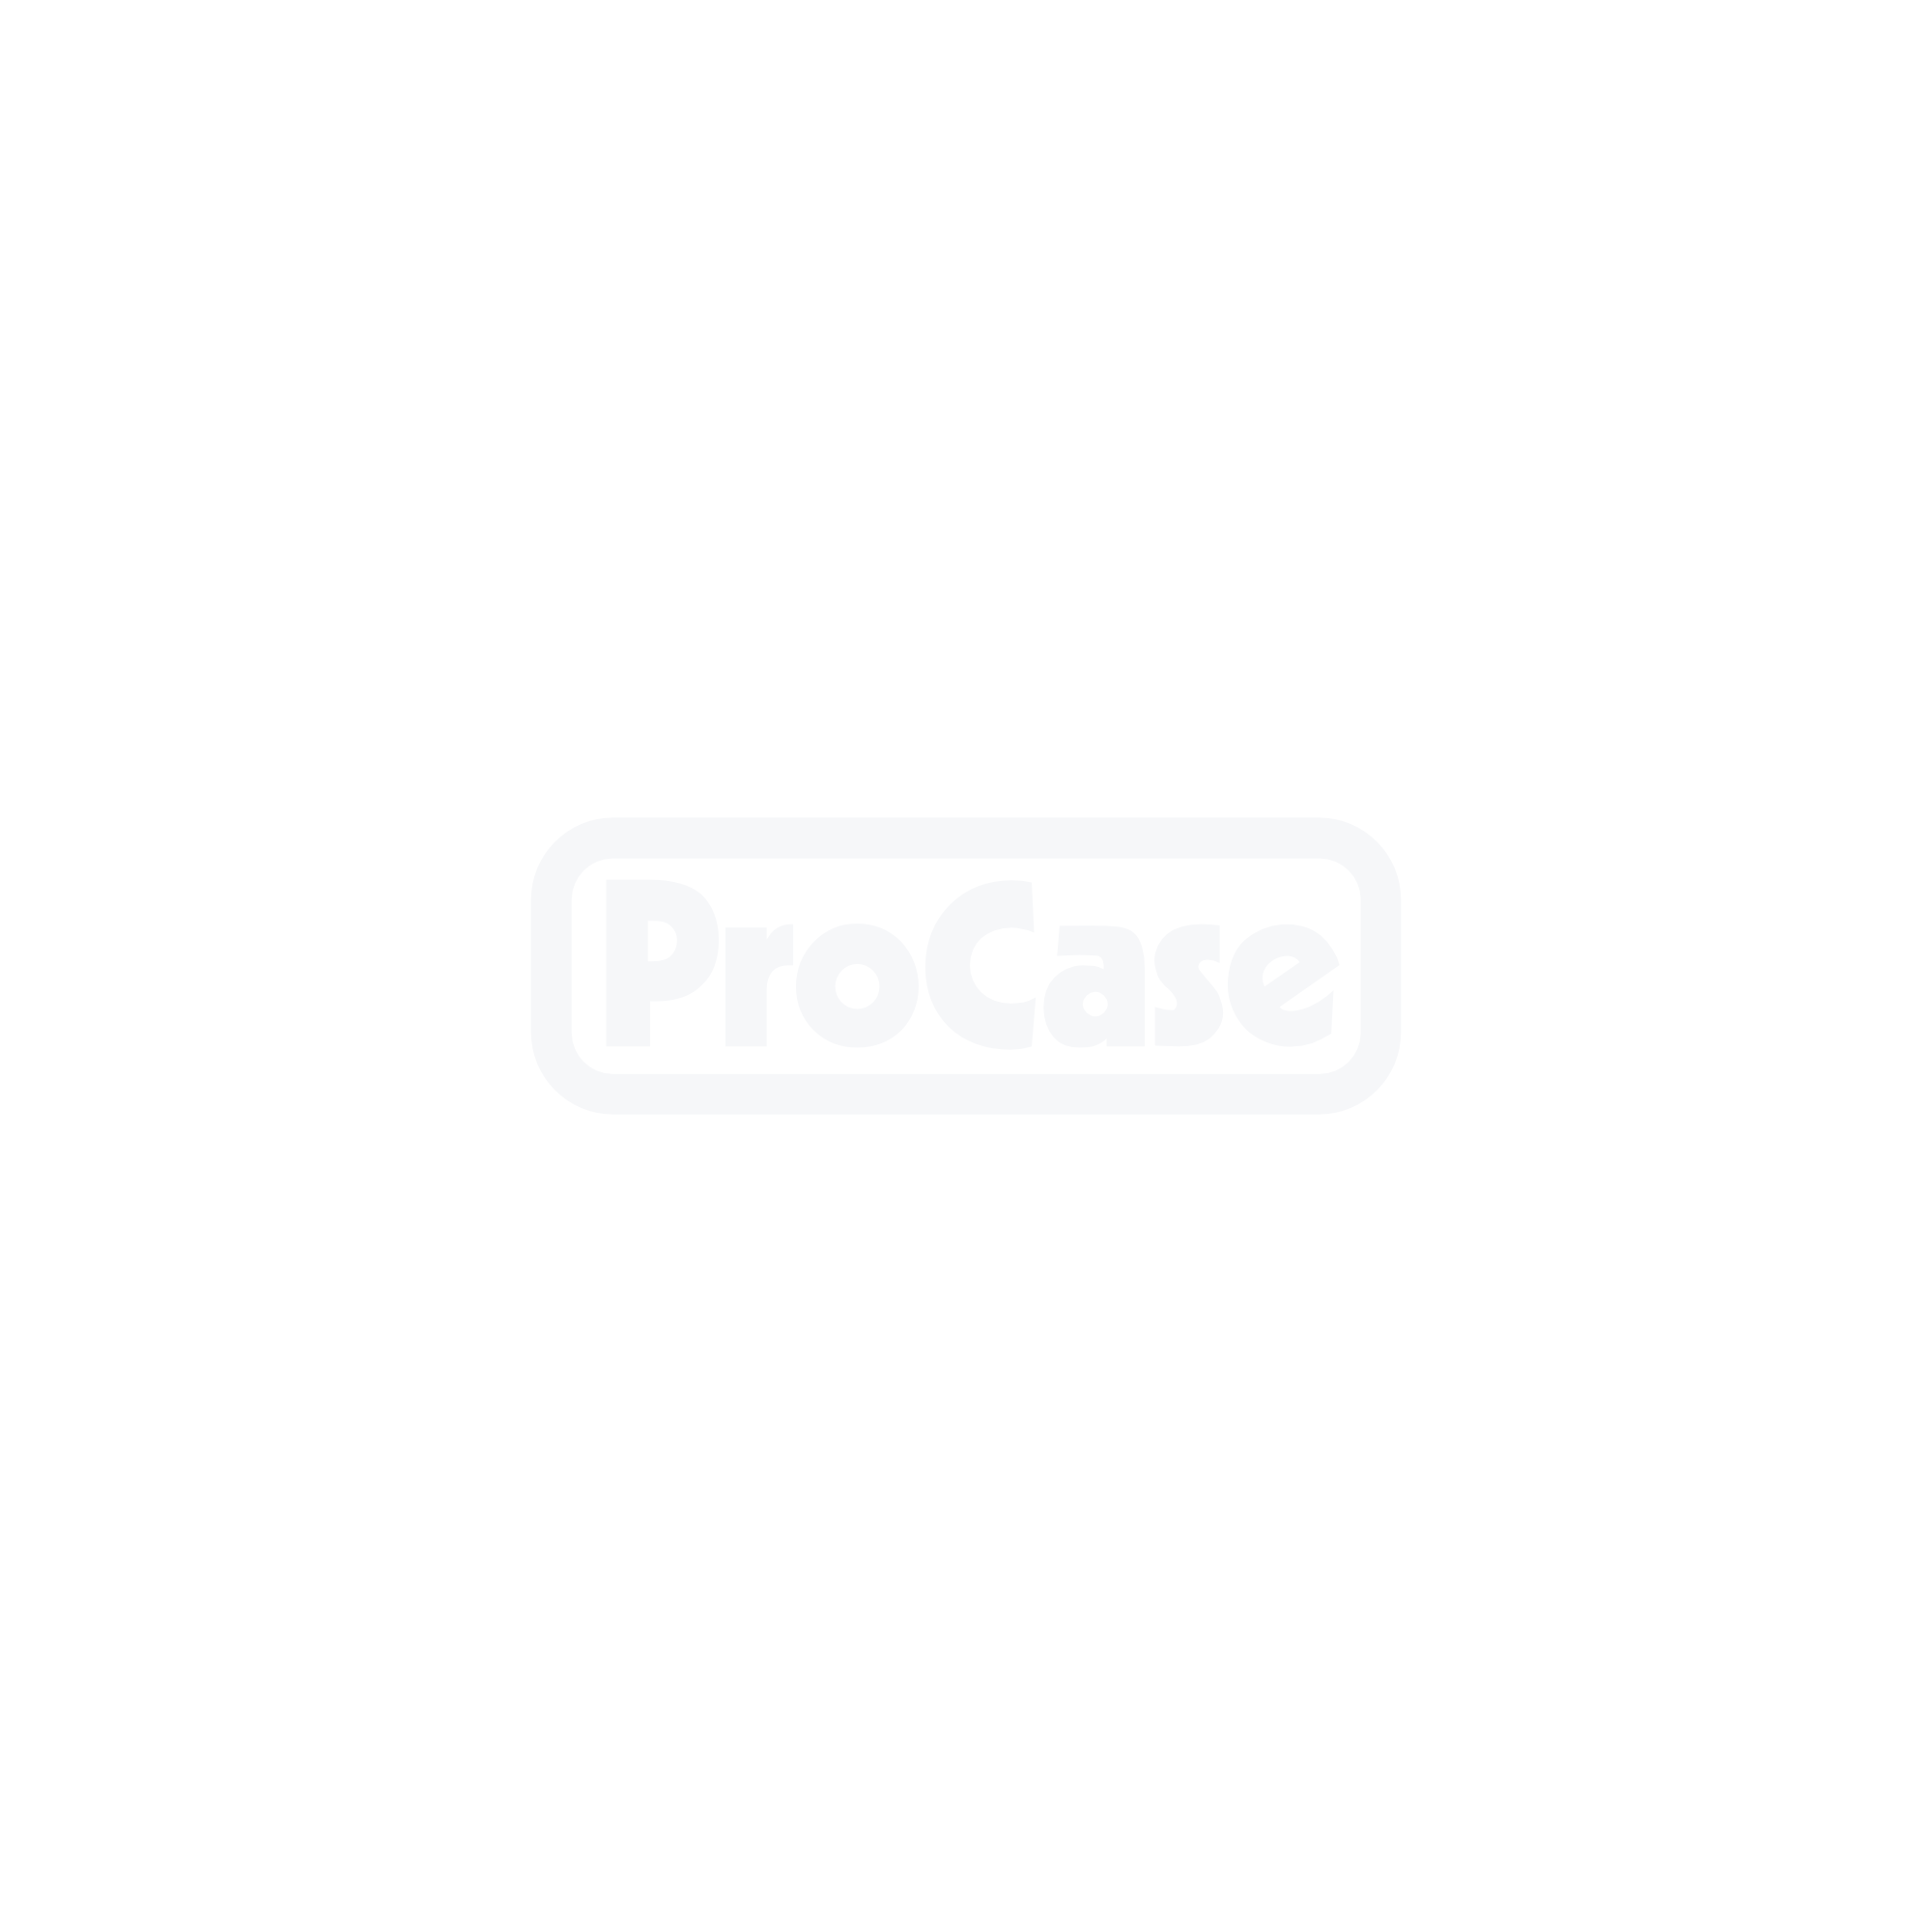 Einsatzkasten für 6x PAR 64 Floorspot 3